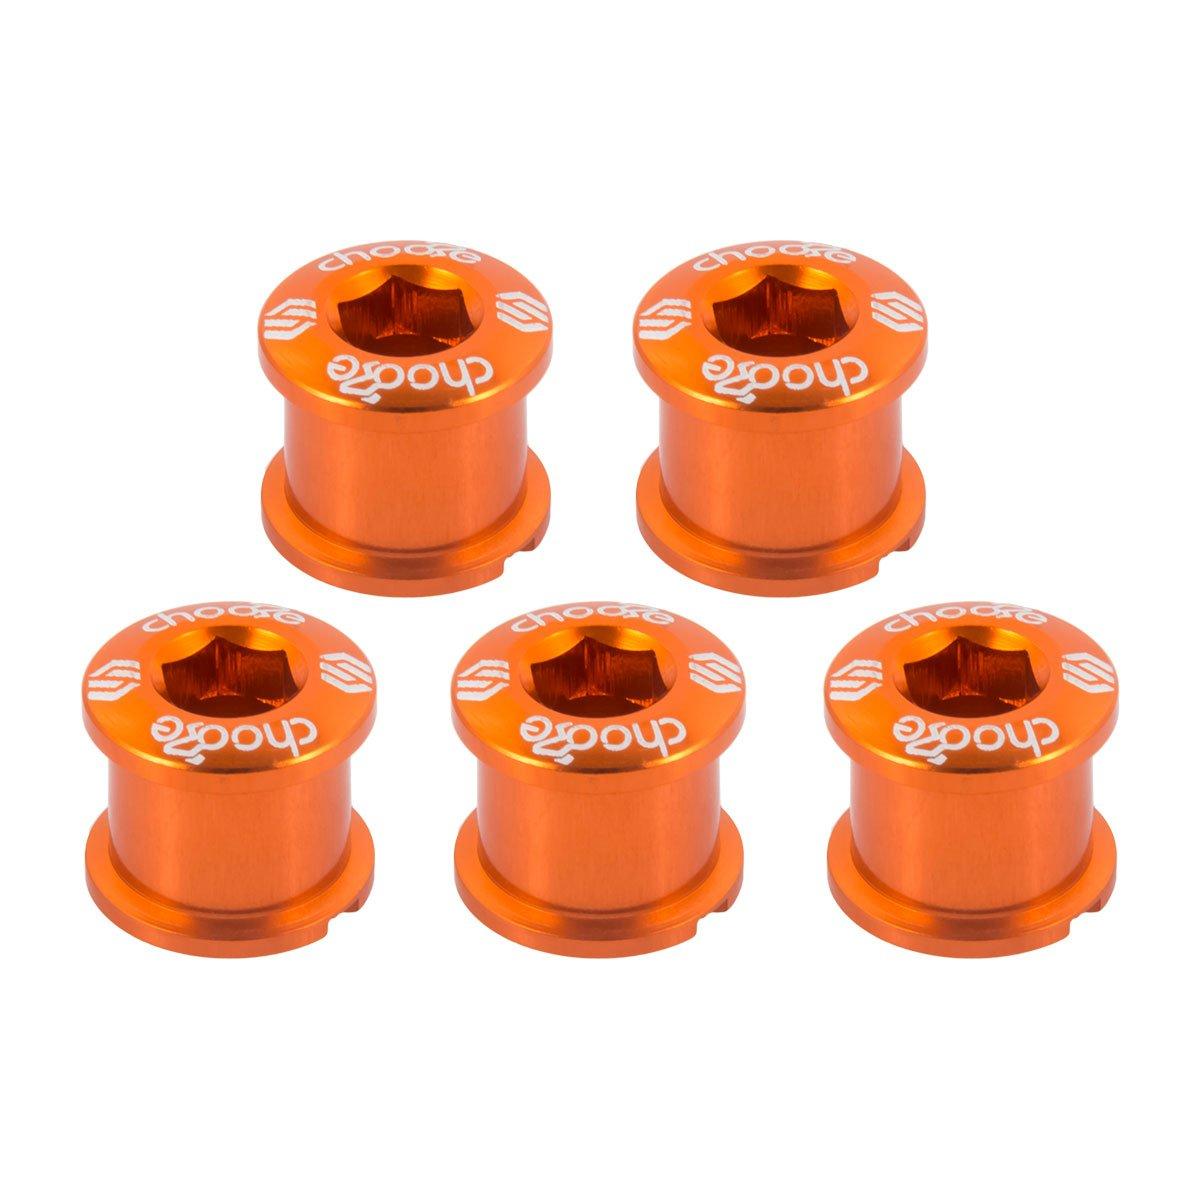 Choose 7075 - Tuercas y tornillos para plato de bicicleta, aleación, doble, 5 piezas, Orang: Amazon.es: Deportes y aire libre